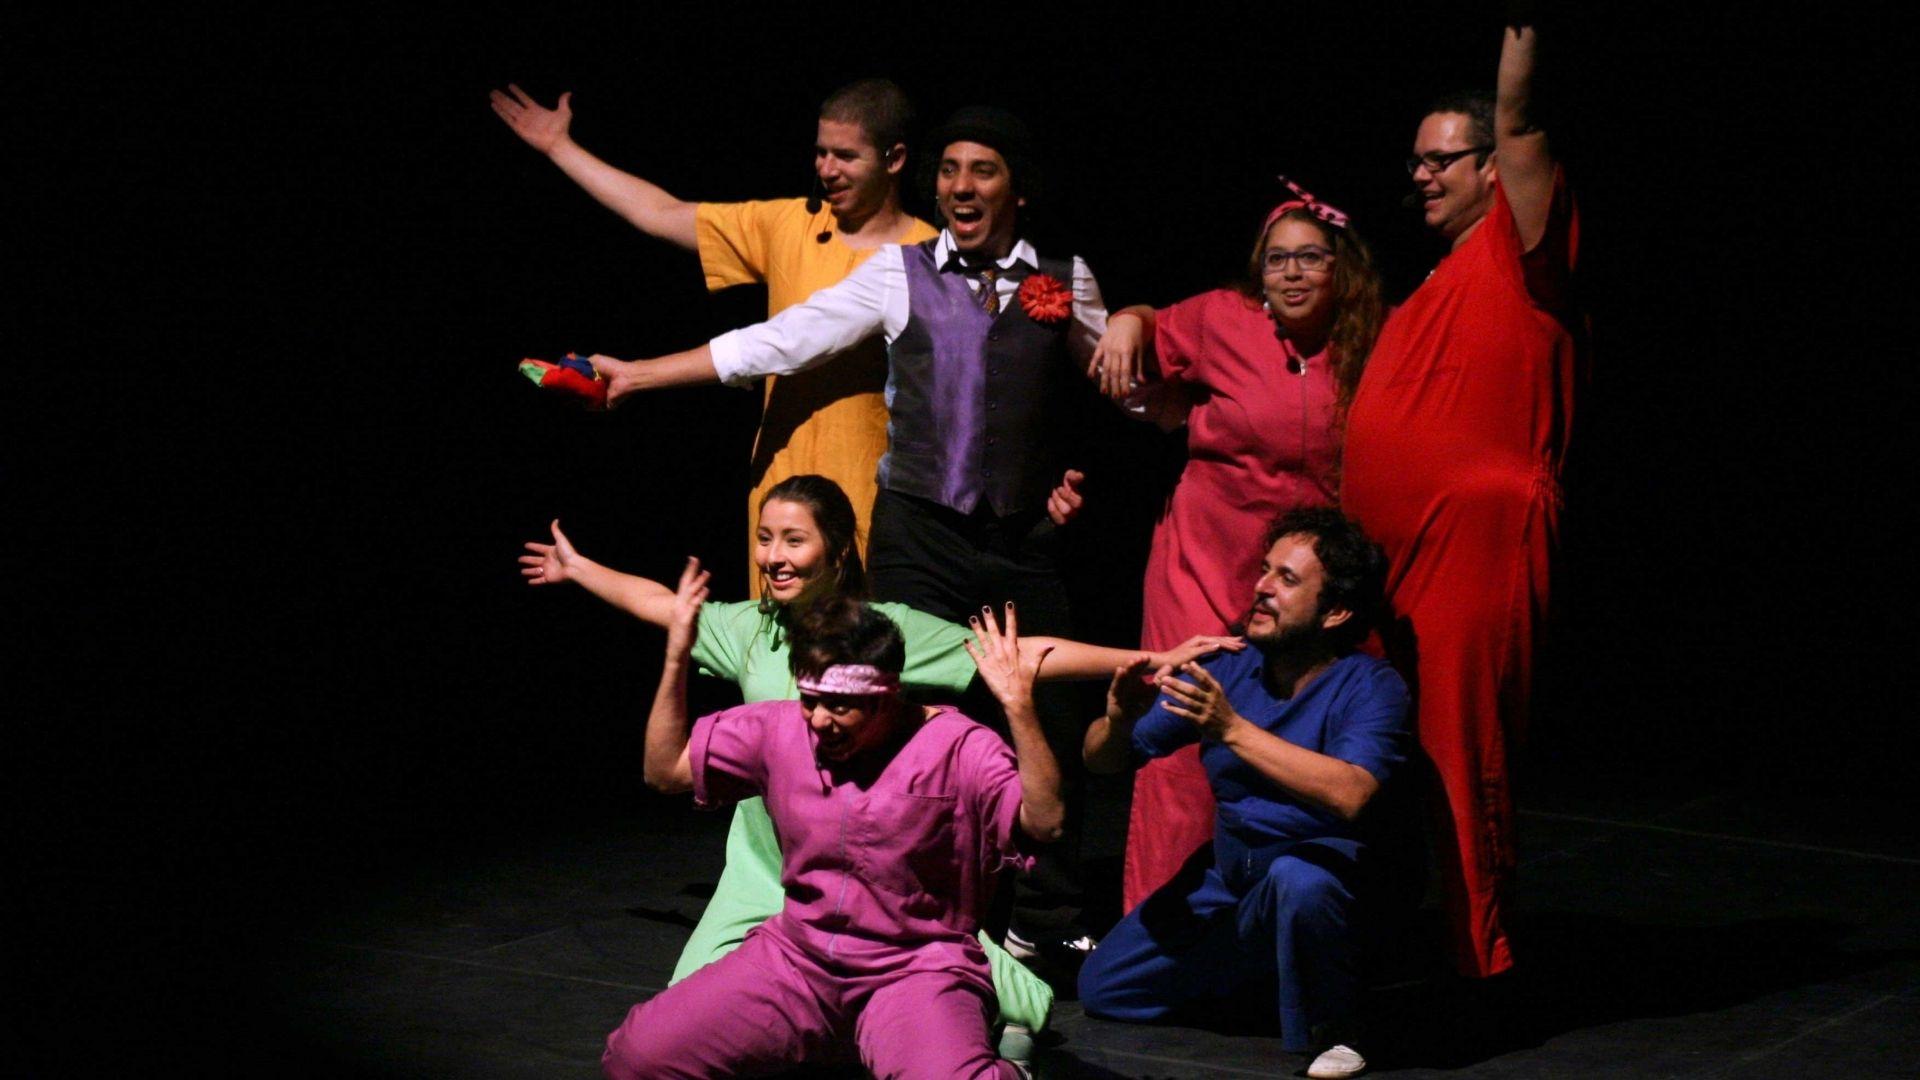 #PasandoLaCuarentena | Improvisto dará una función teatral a través del Trasnocho este #25Sep